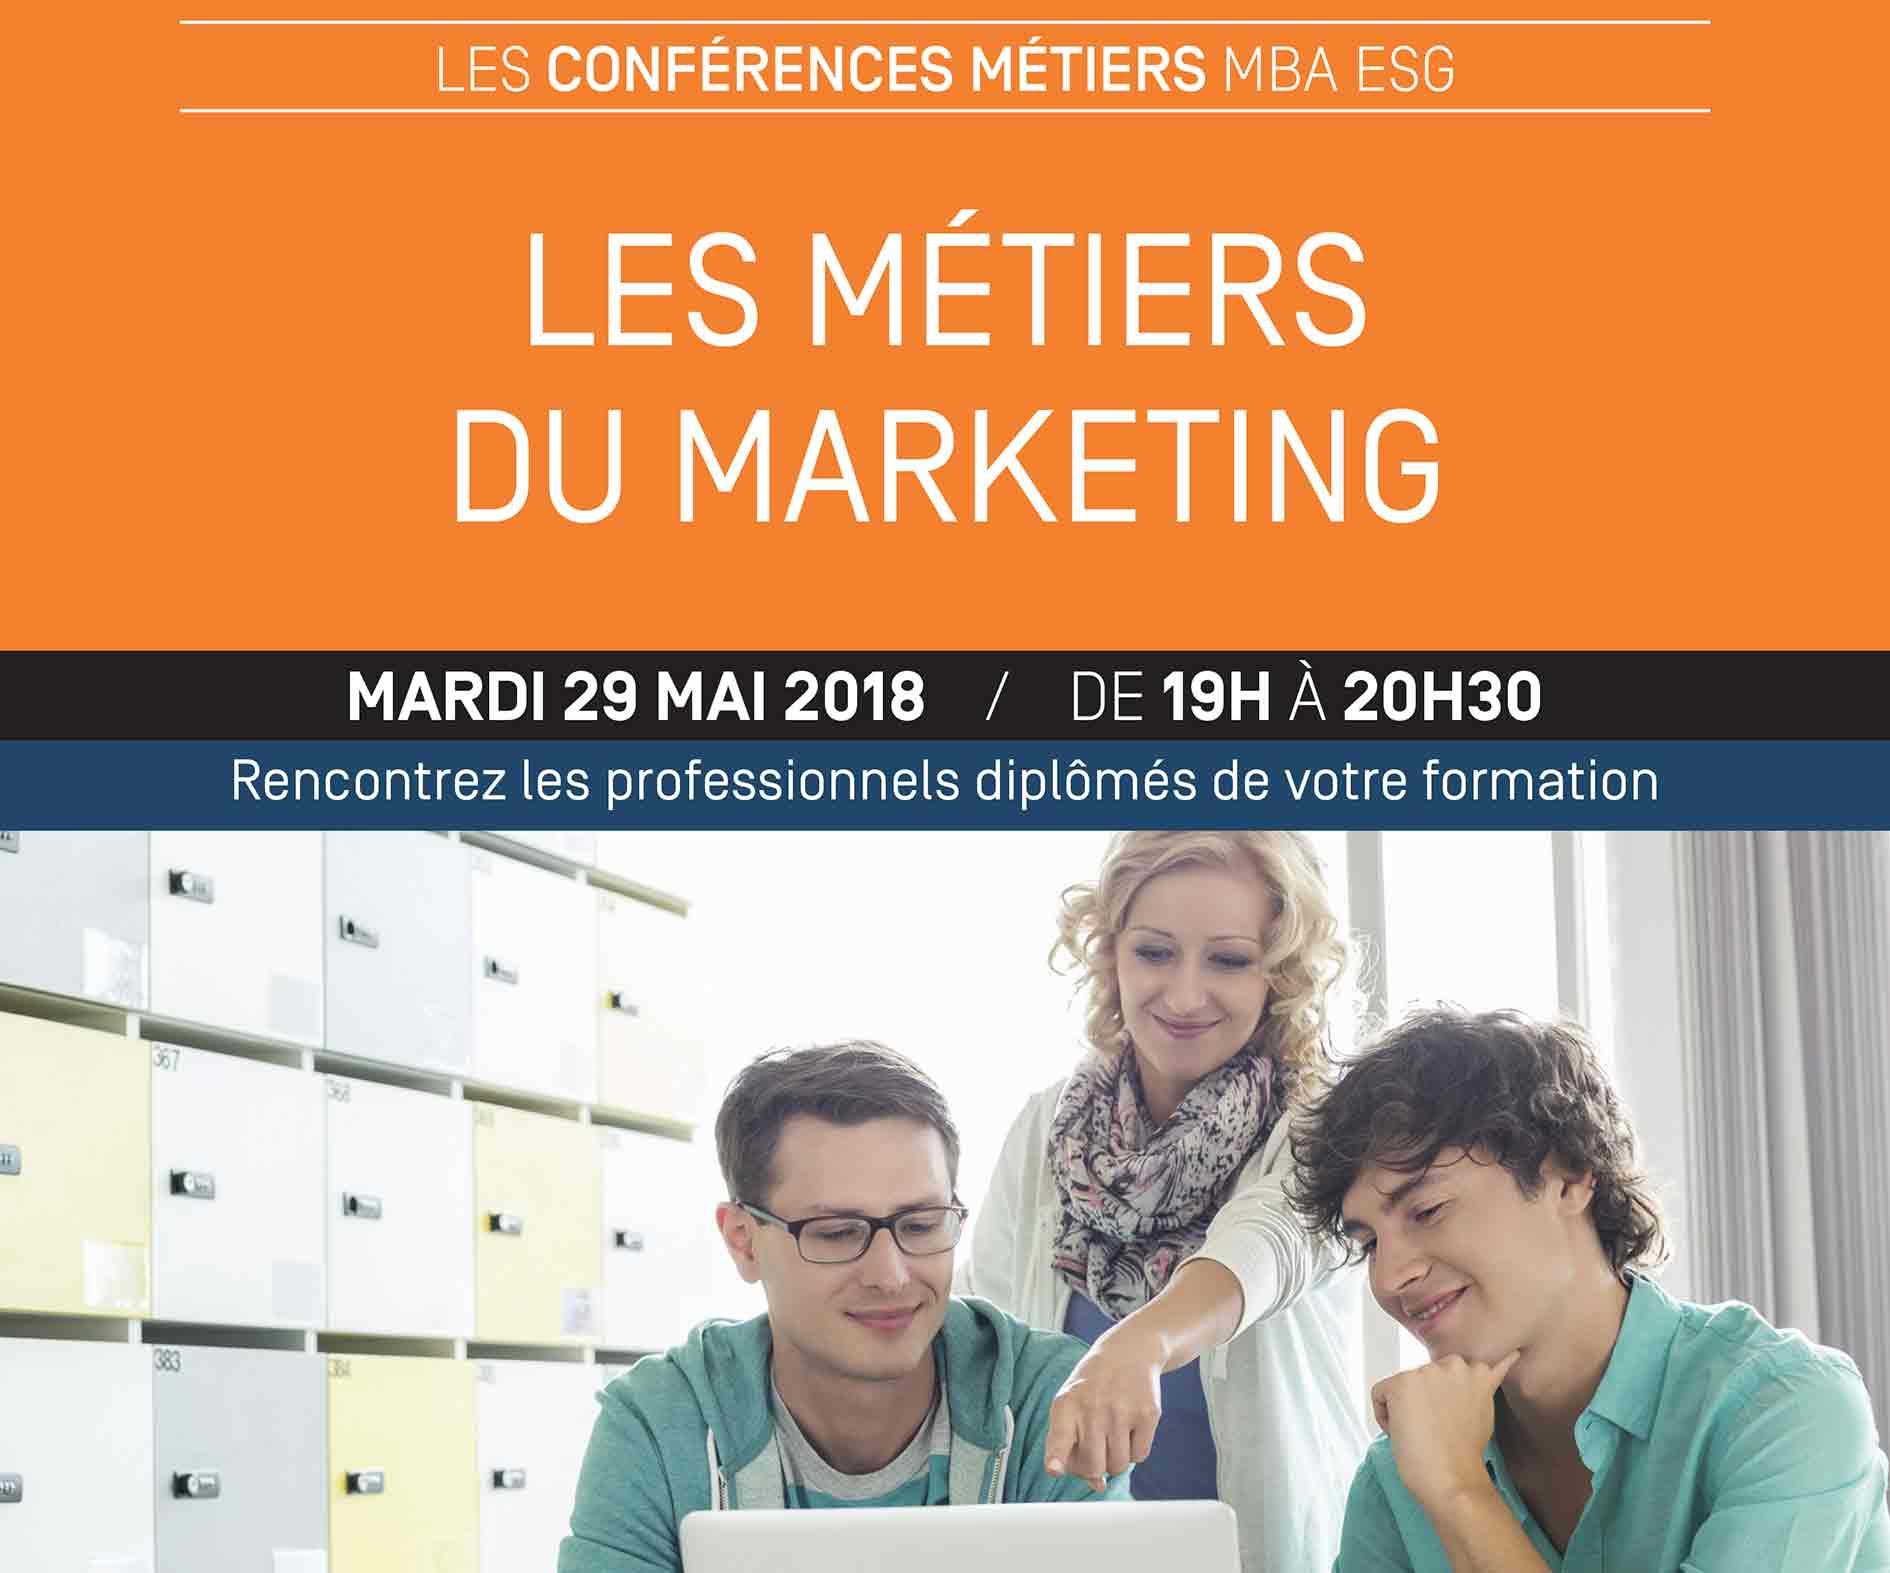 Conférence : Les métiers du marketing - mardi 29 mai - Master Marketing